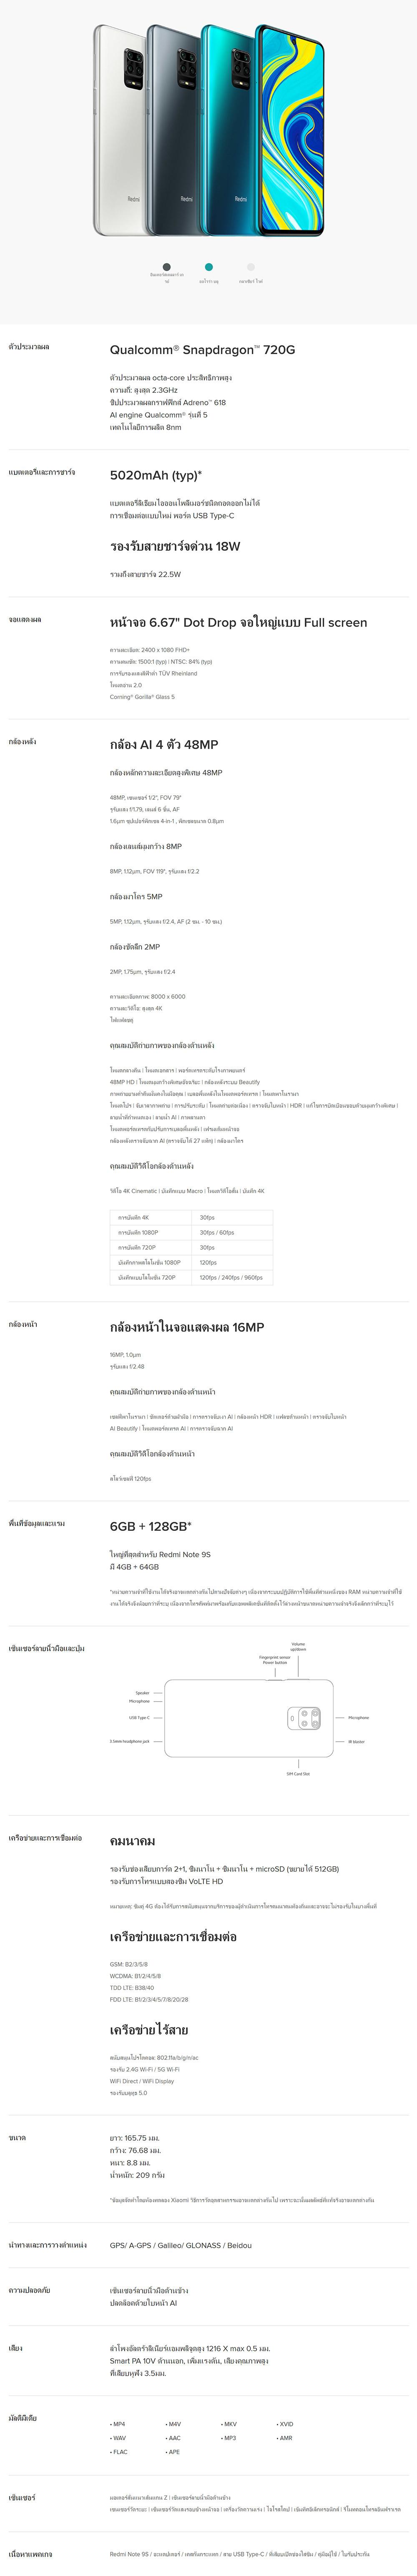 03-05-xiaomi-redmi-note-9s--2.jpg